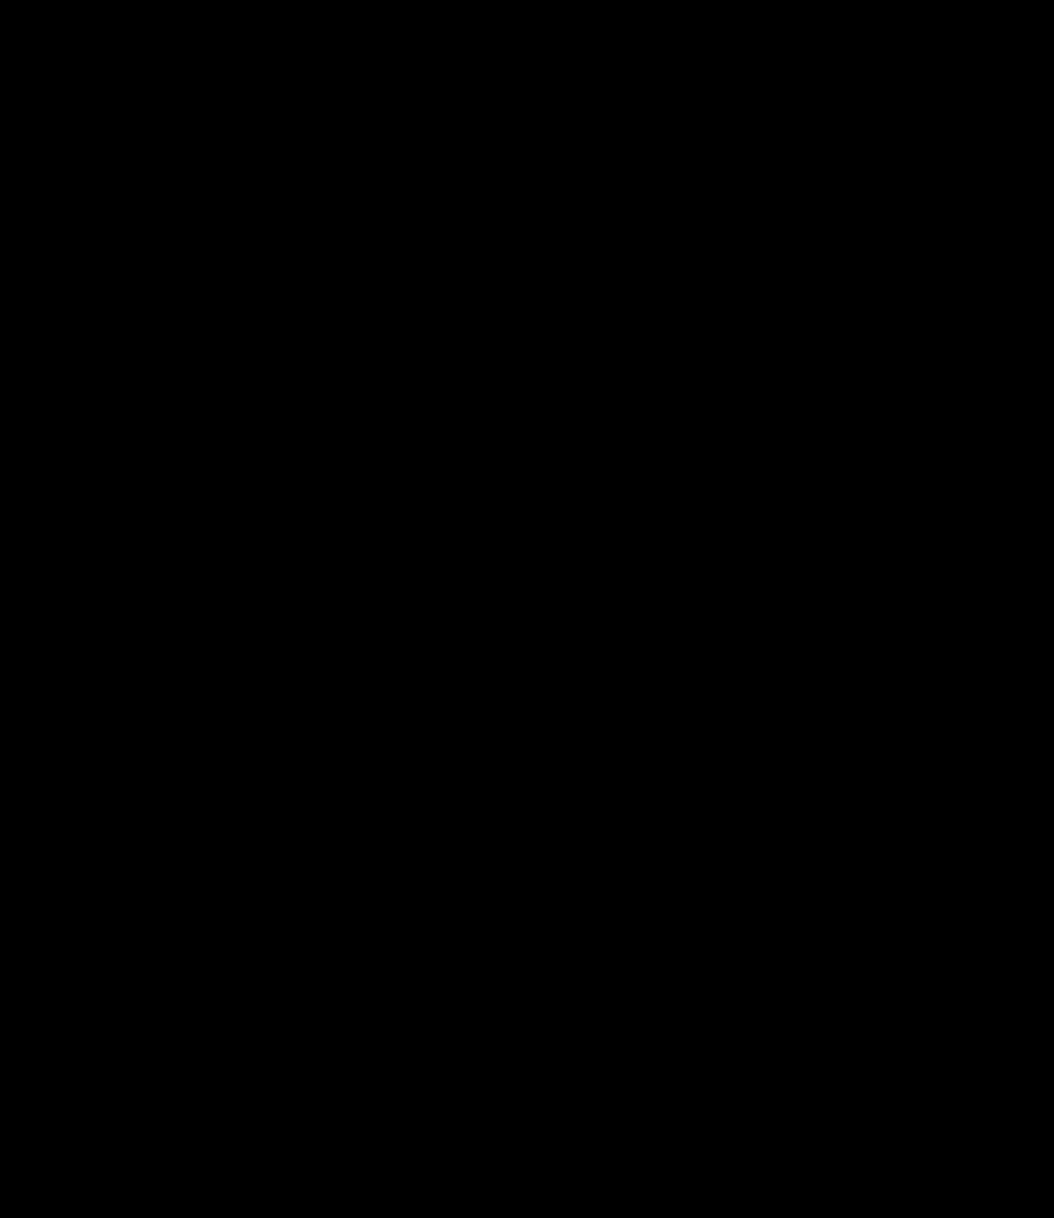 米粉の用途別基準・用途表記